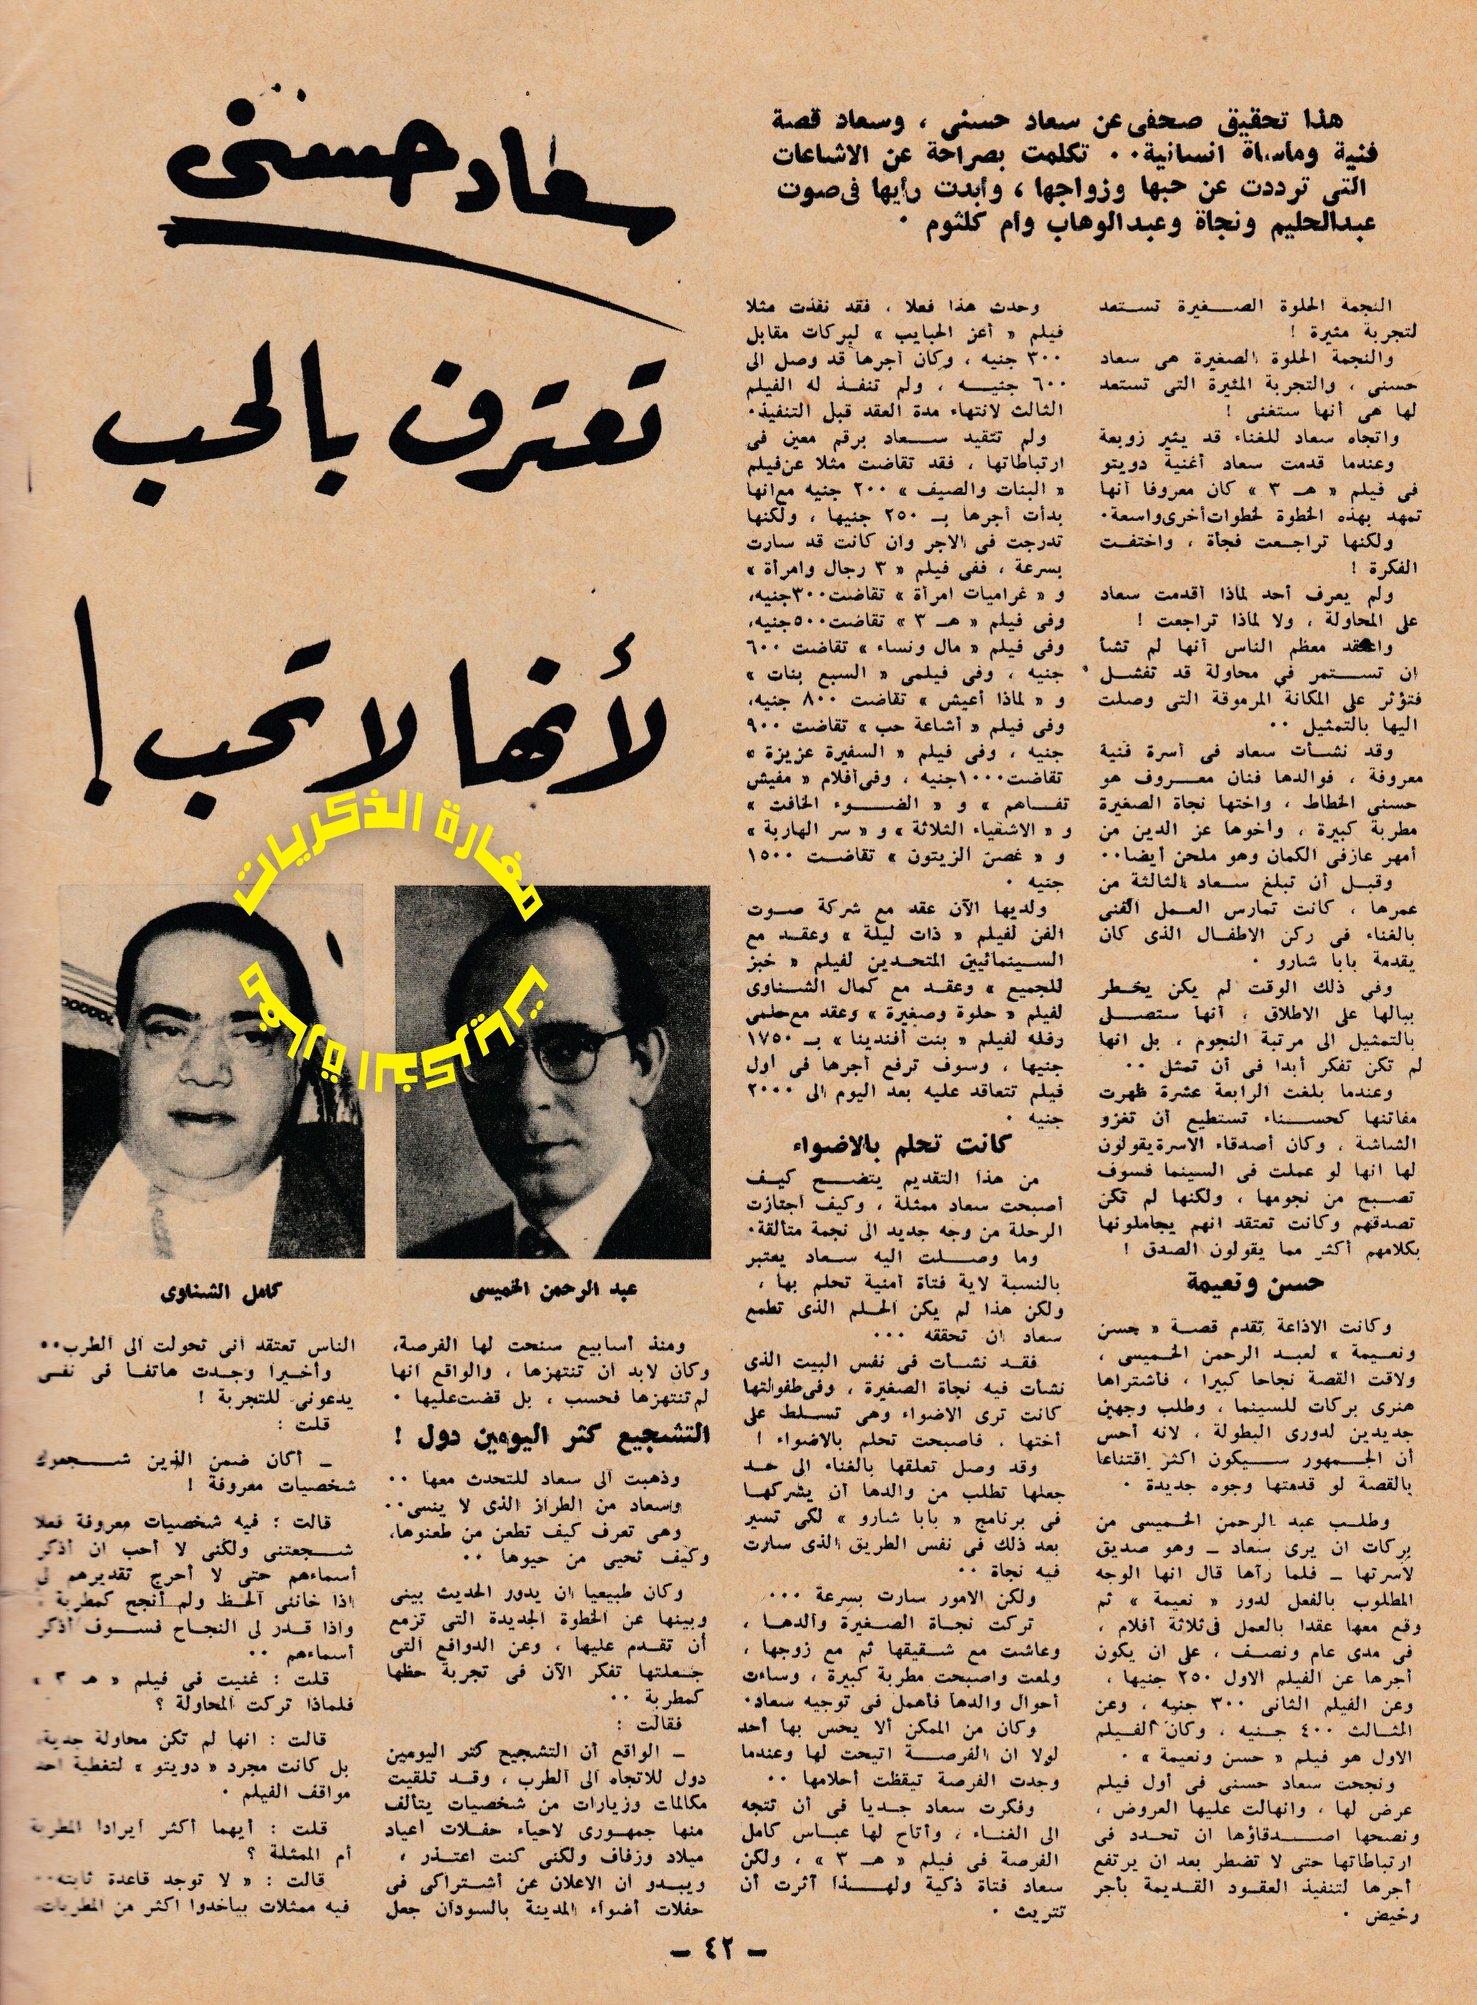 حوار صحفي : سعاد حسني تعترف بالحب لأنها لاتحب ! 1962 م 159